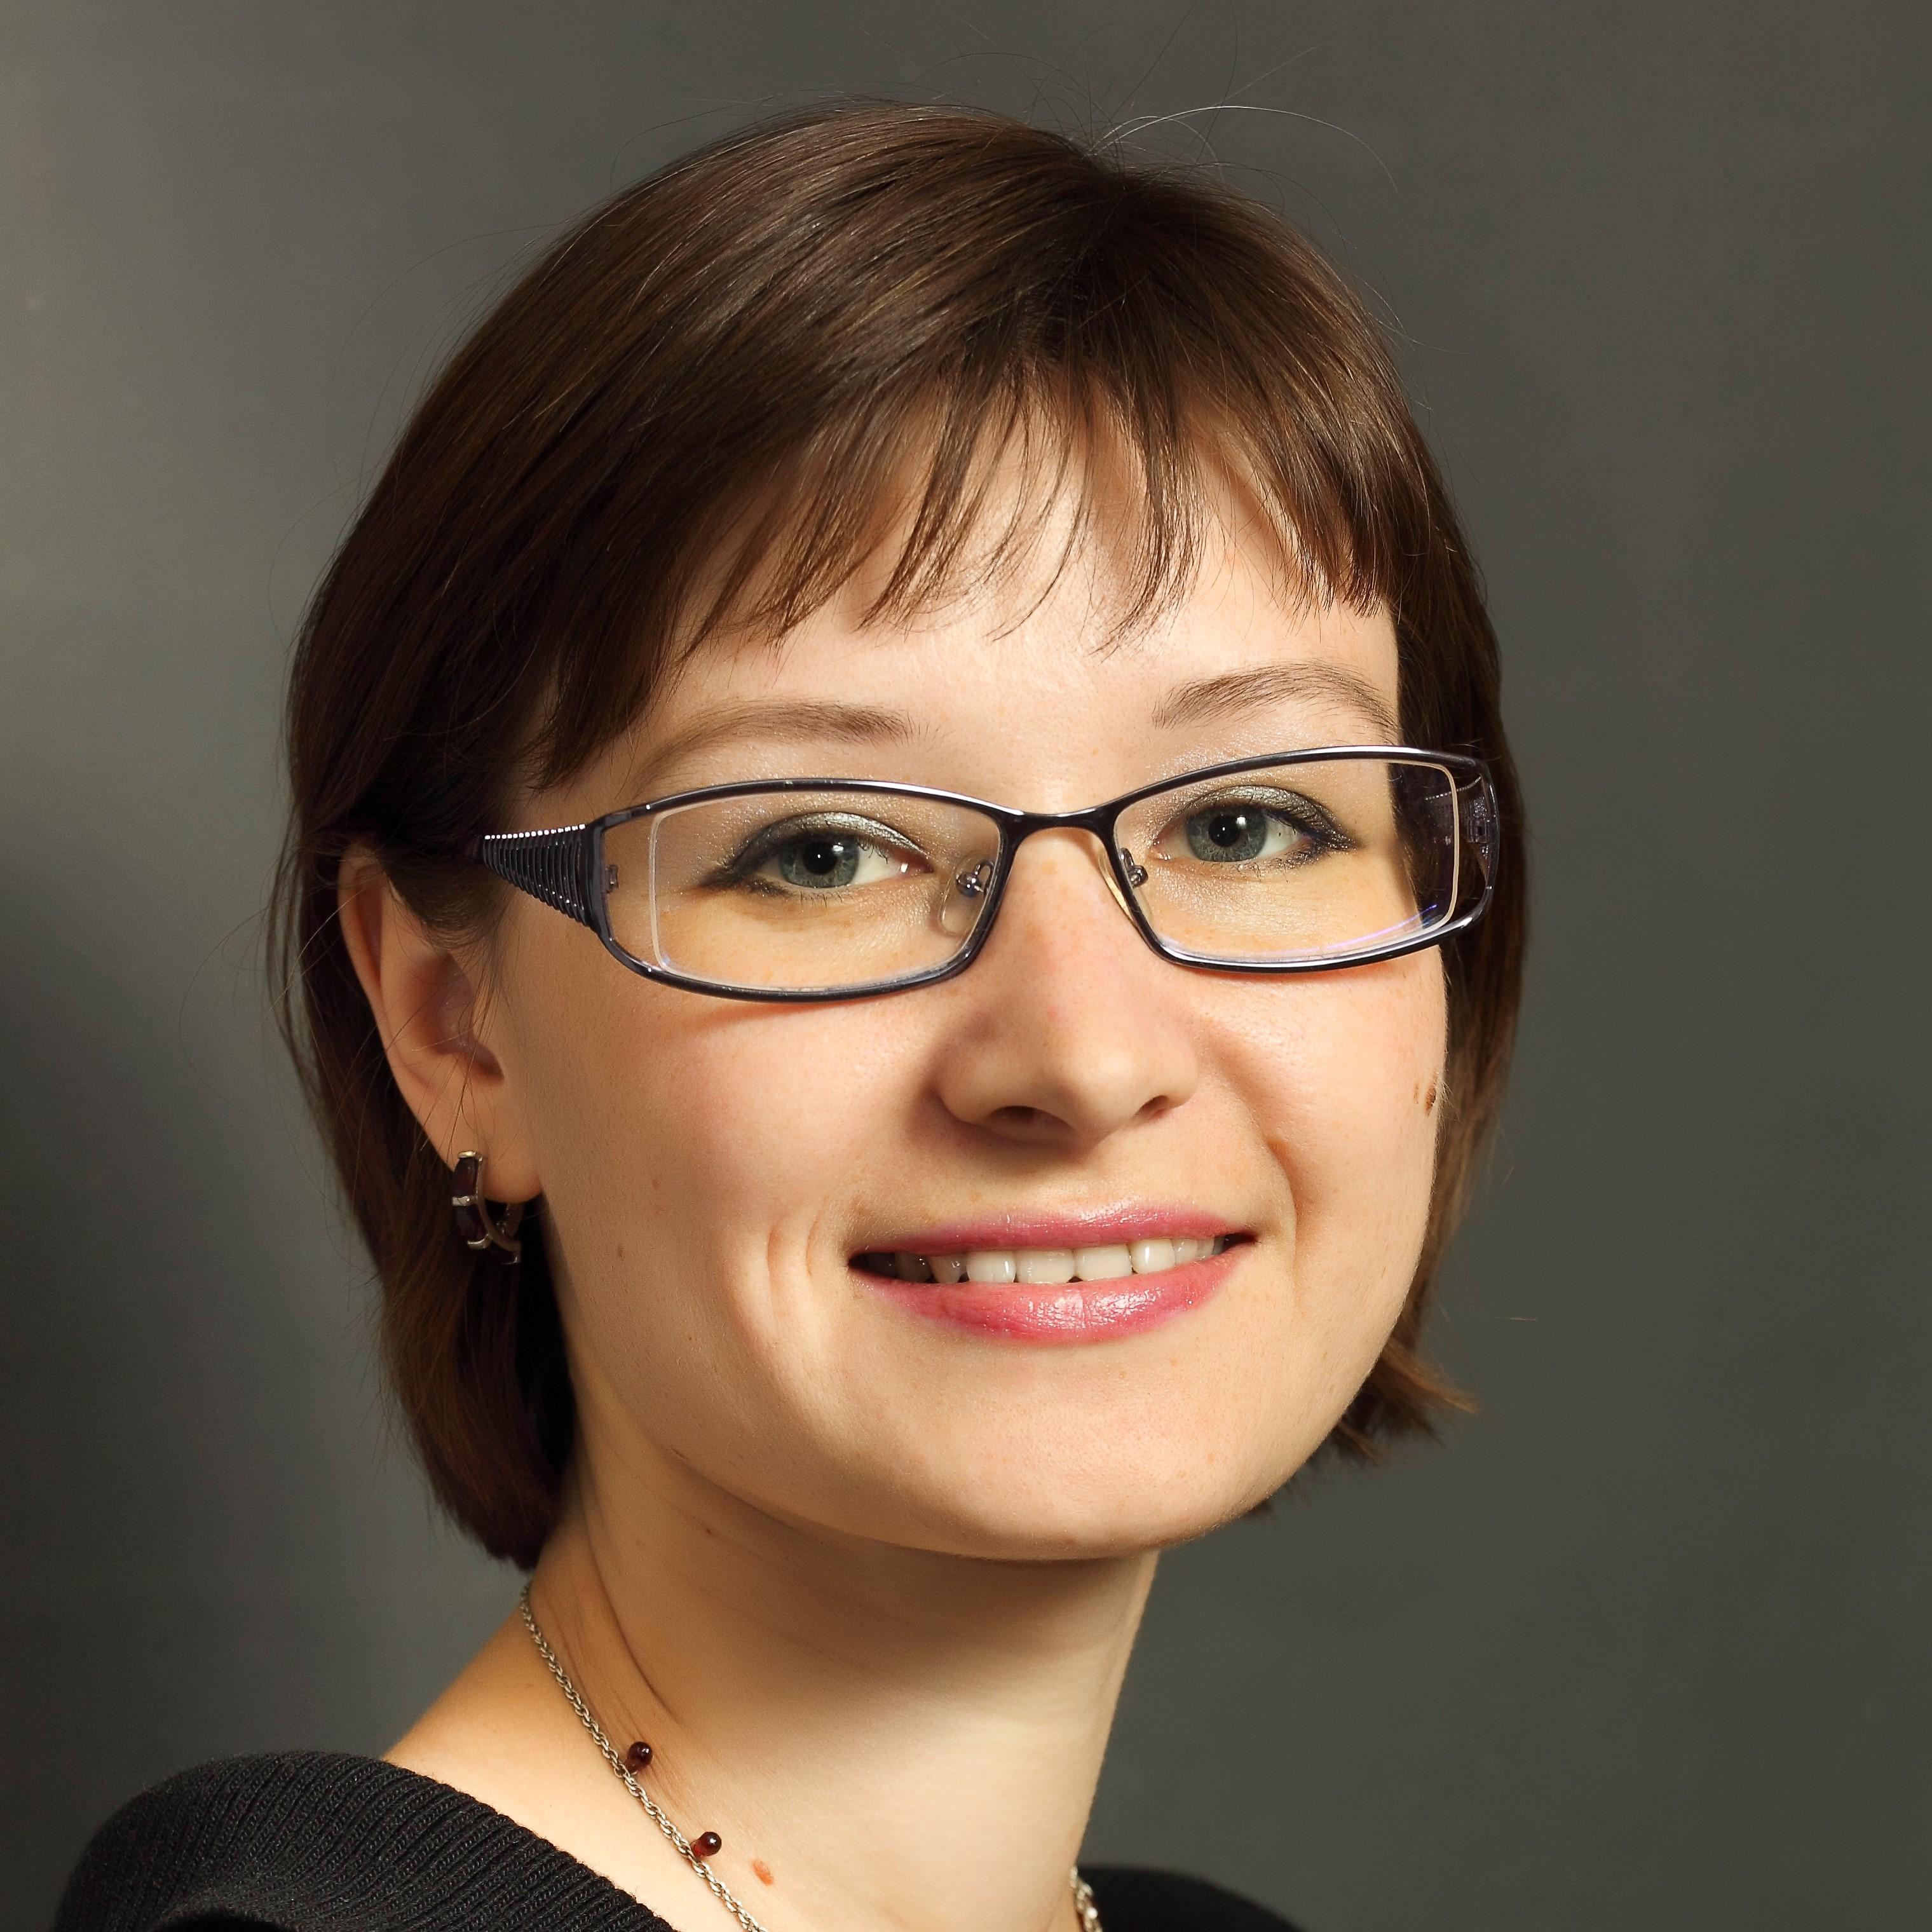 отпуска фото русских писательниц женского пола праву